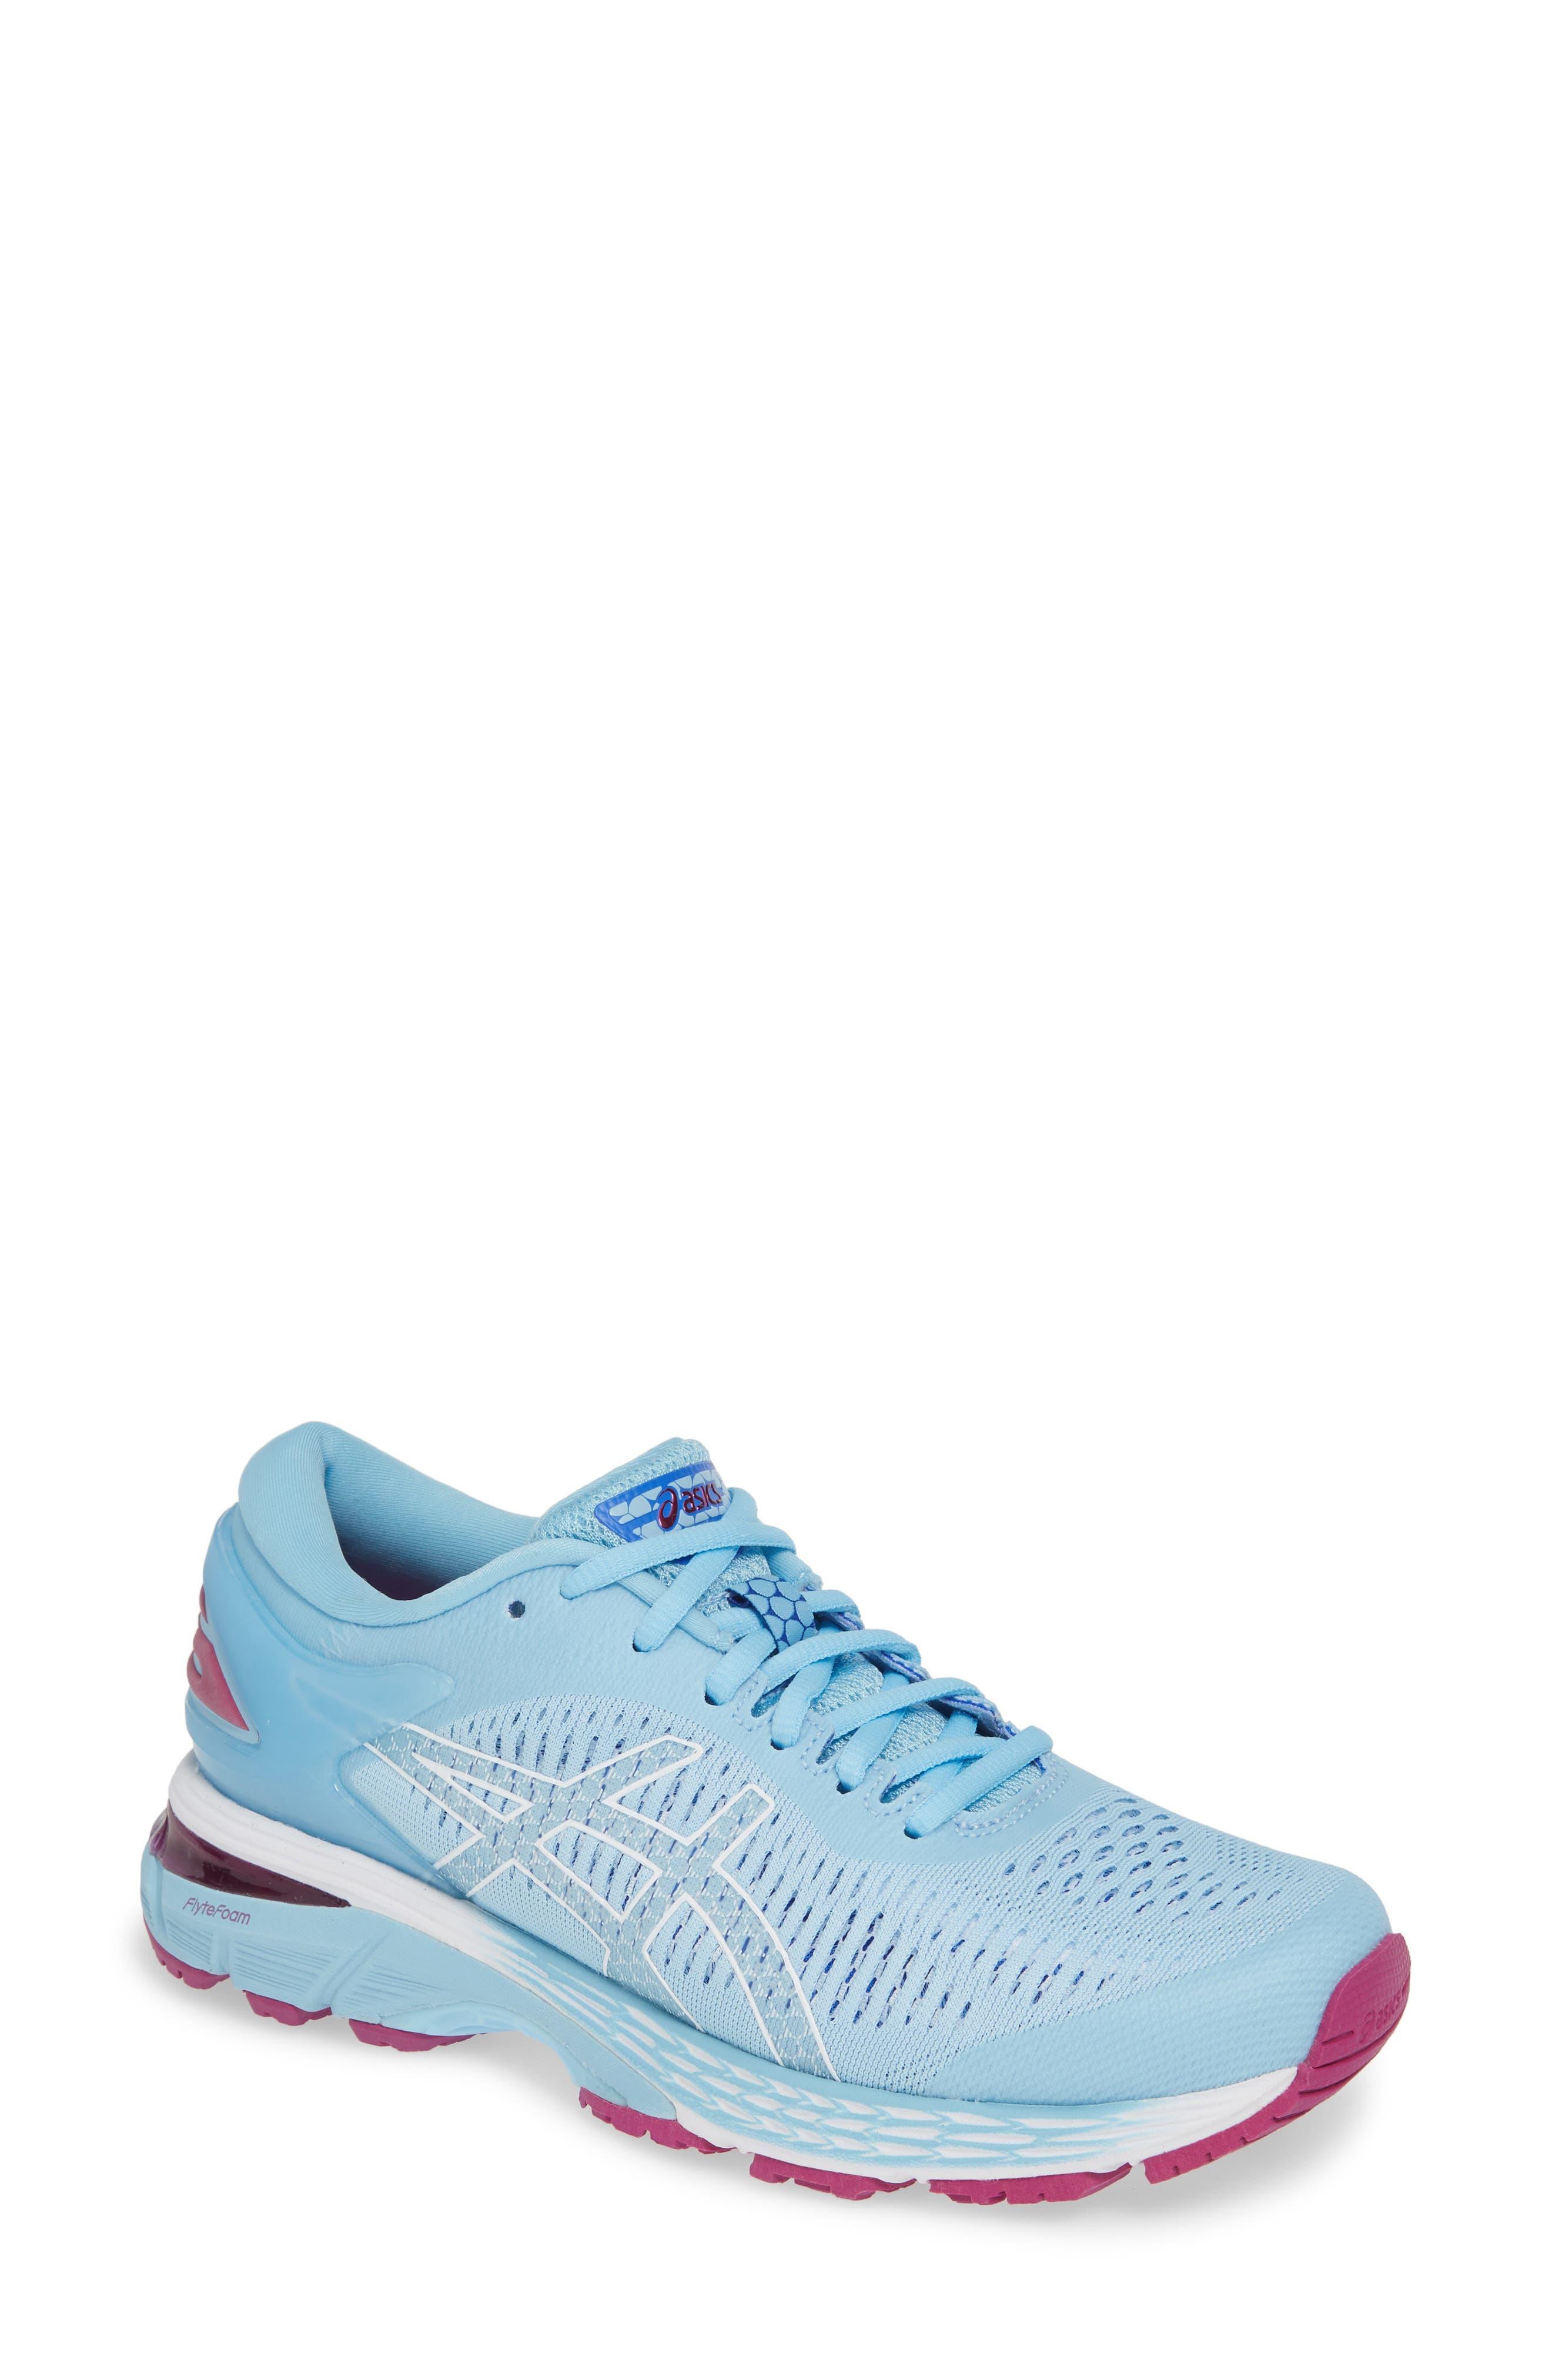 Asics Gel-Kayano 25 Running Shoe, Blue